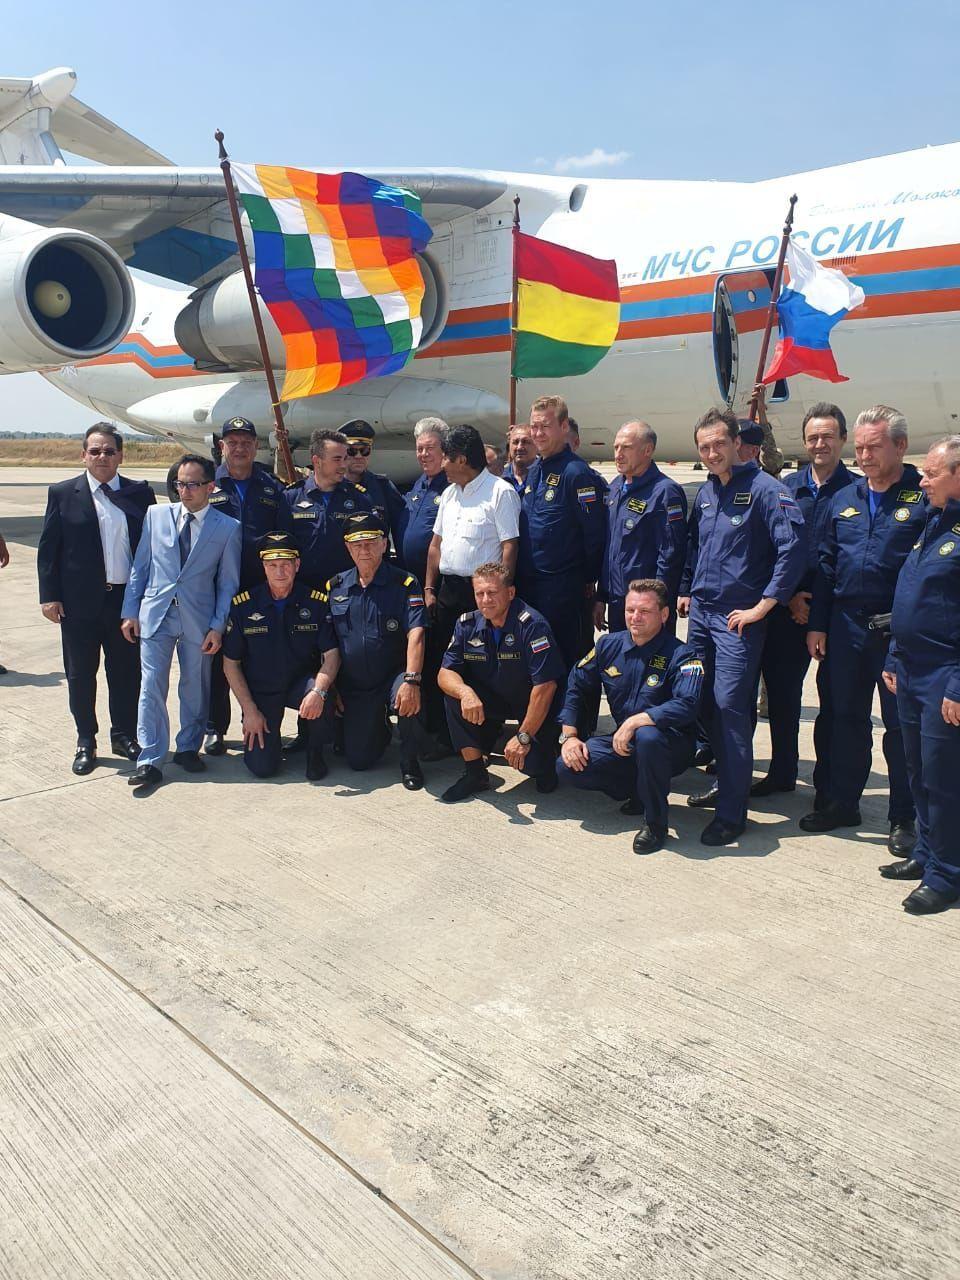 Tripulação do avião russo de combate a incêndios Il-76 juntamente com o presidente da Bolívia, Evo Morales e o cônsul da Embaixada da Rússia na Bolívia, Yakov Feodorov